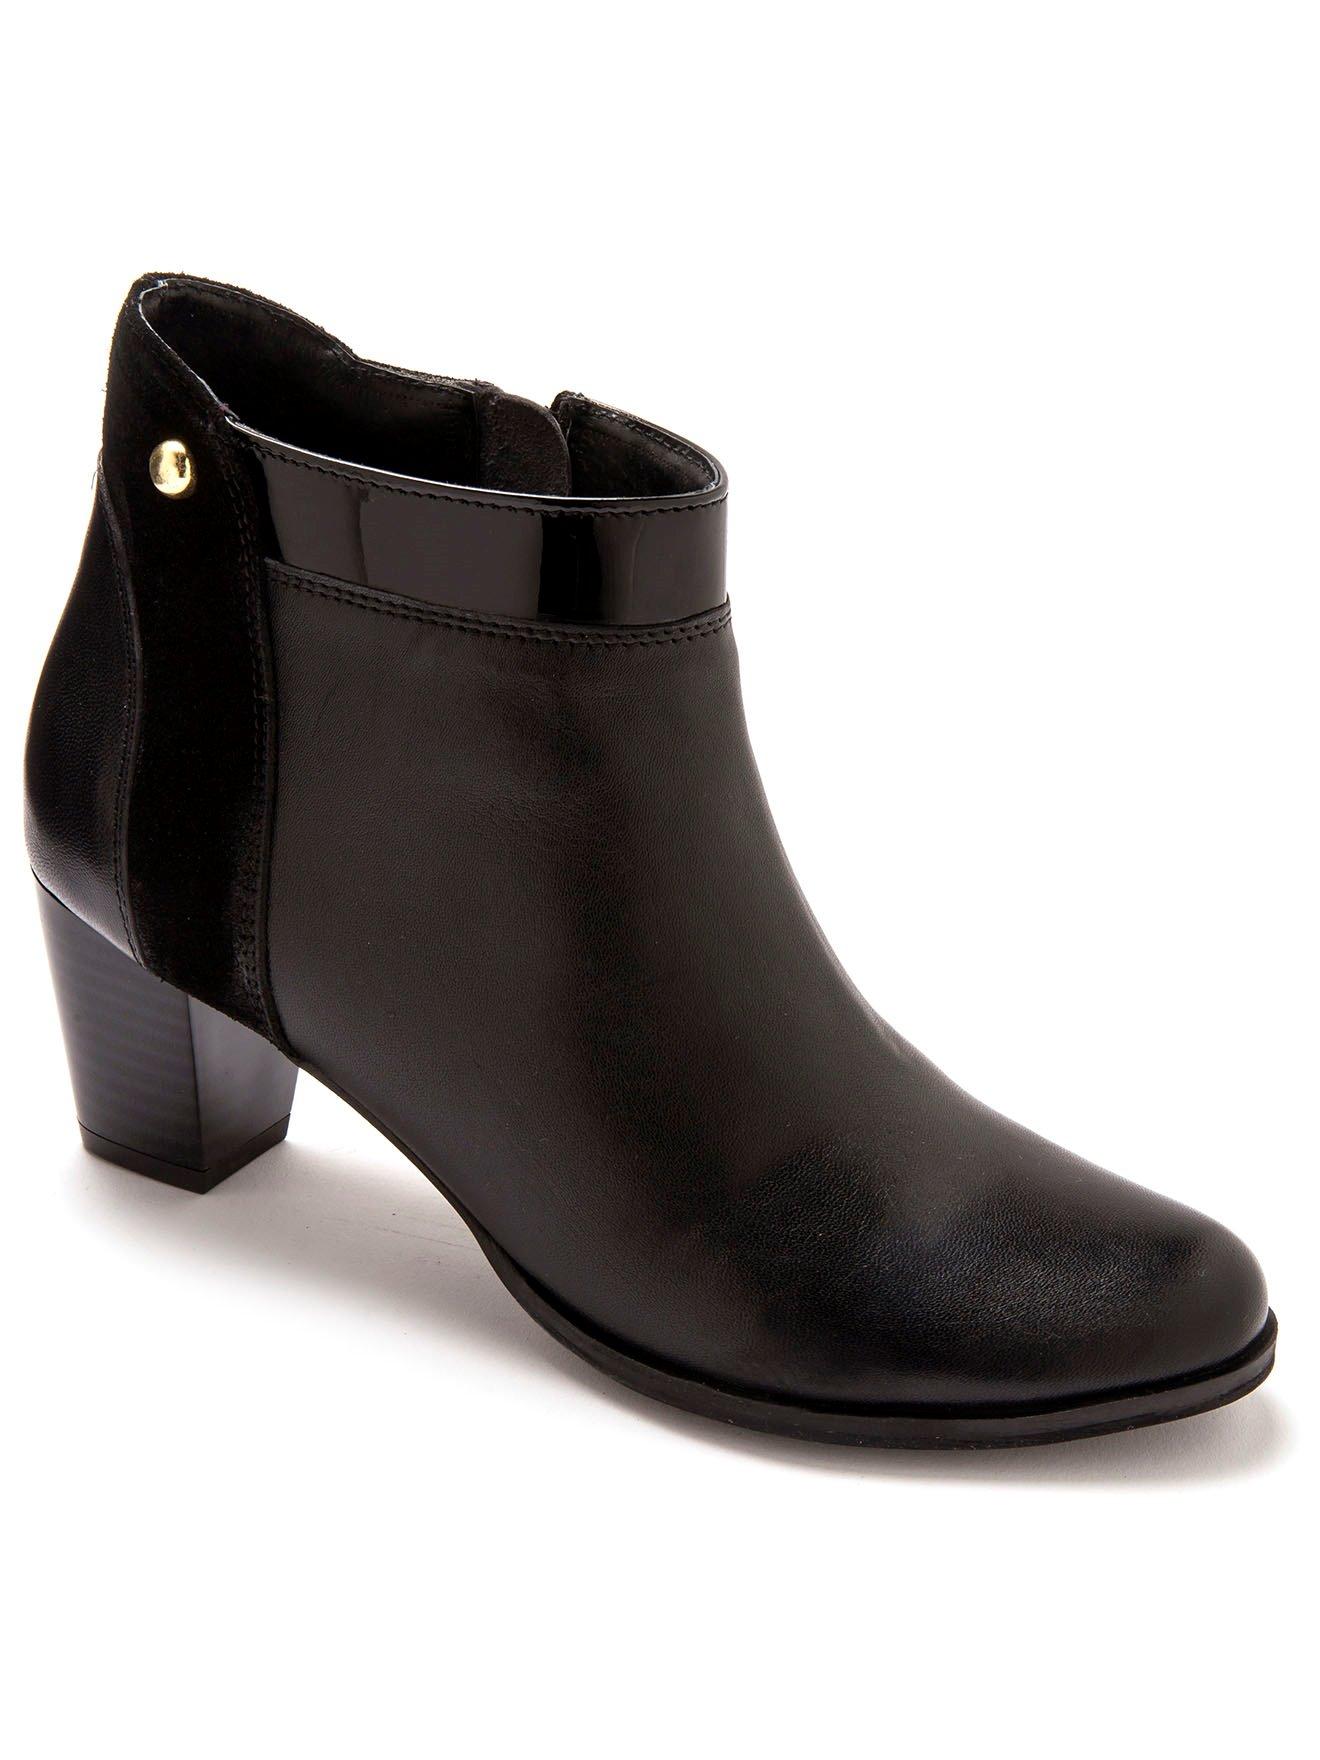 SOLDES Basket, sandale, escarpin, botte, chaussure femme, pied large deb95c43c2b2